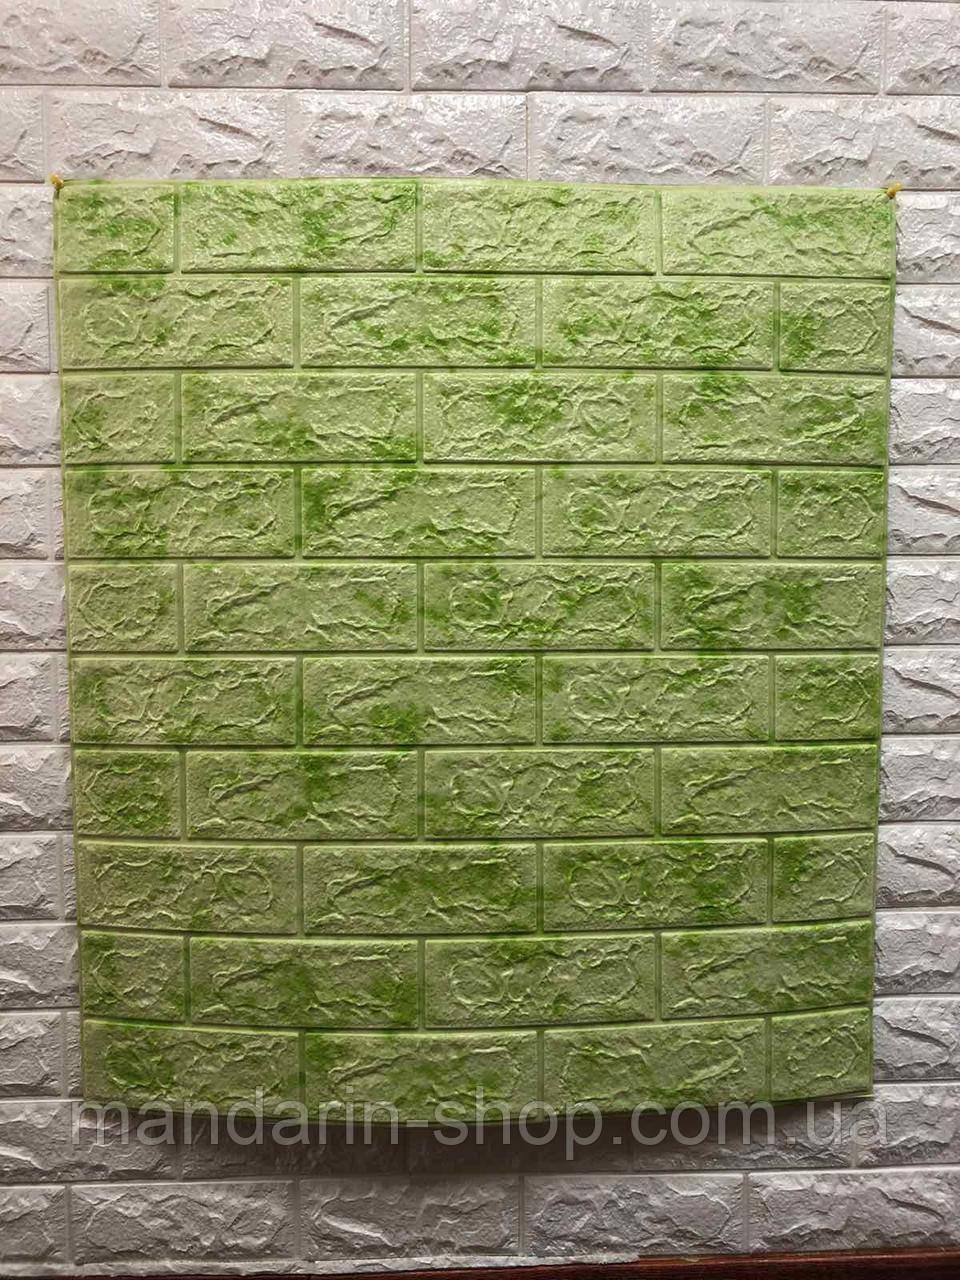 Самоклеющиеся обои Декоративная 3D панель ПВХ 1шт, зеленый мраморный кирпич